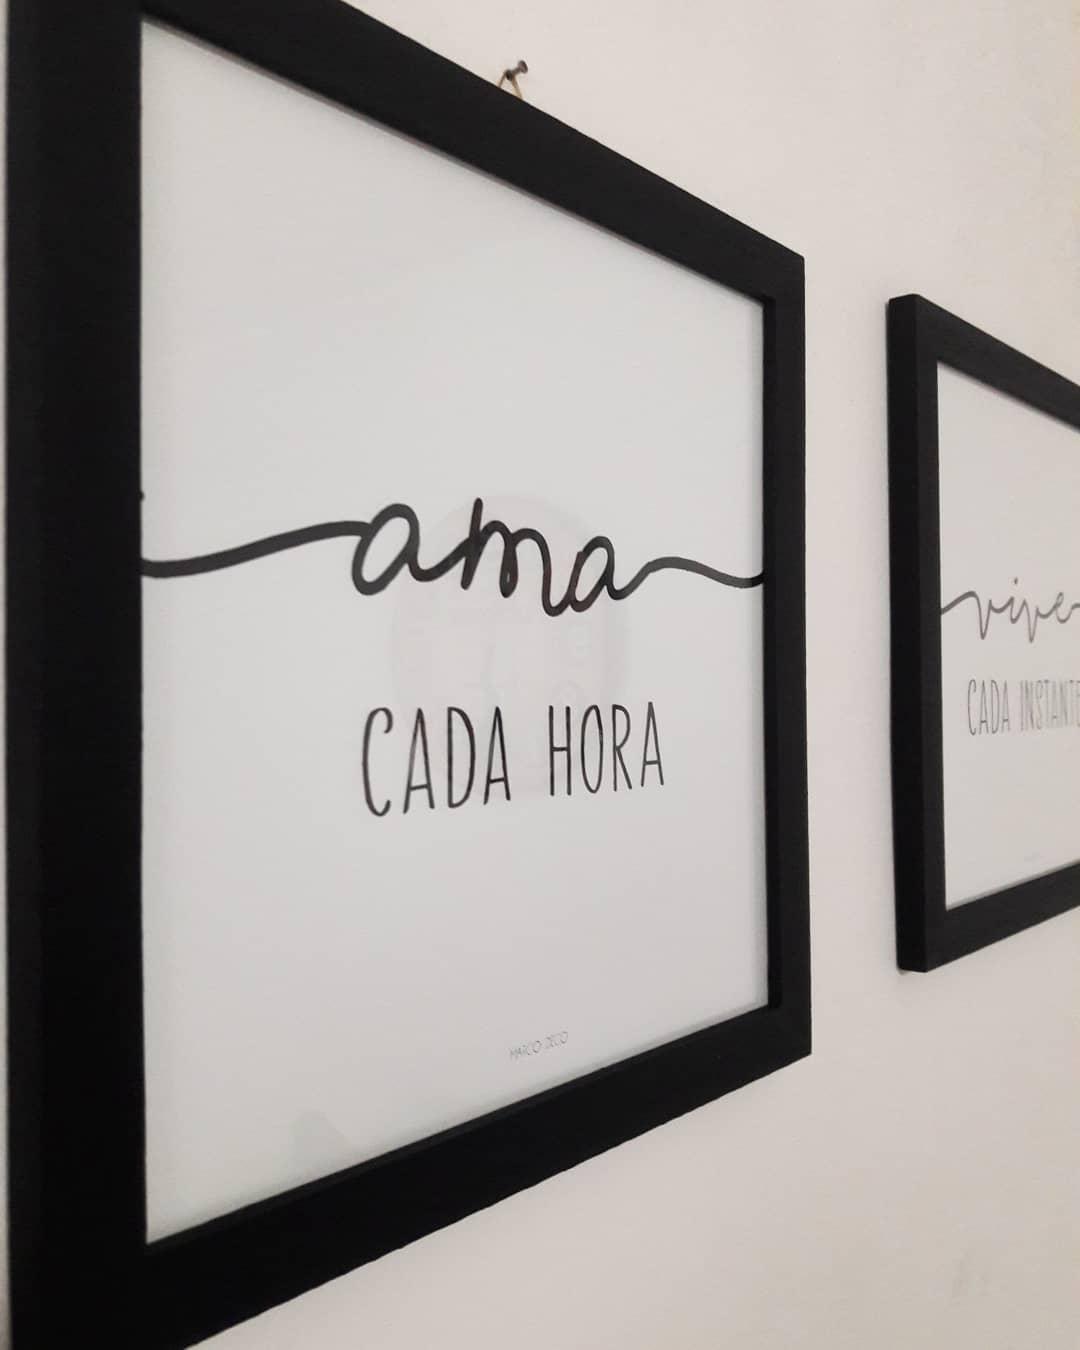 Fotos com frases Decore seus espaços Mede 30x30cm com moldura preta #frame ...